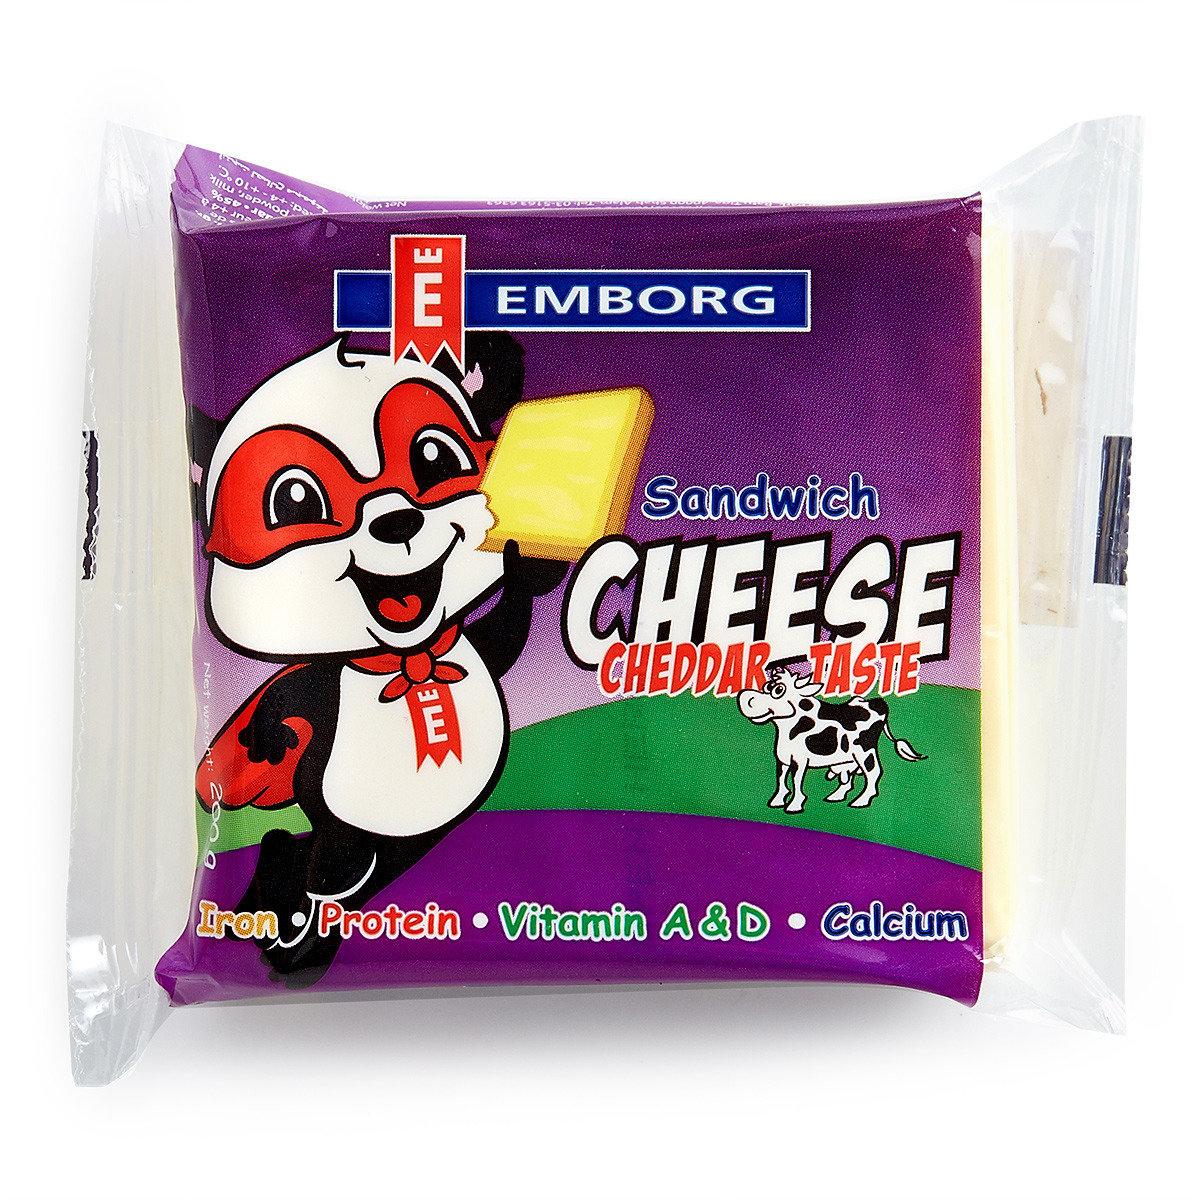 丹麥紫堡牌車打片裝芝士 (10片) (冷凍)